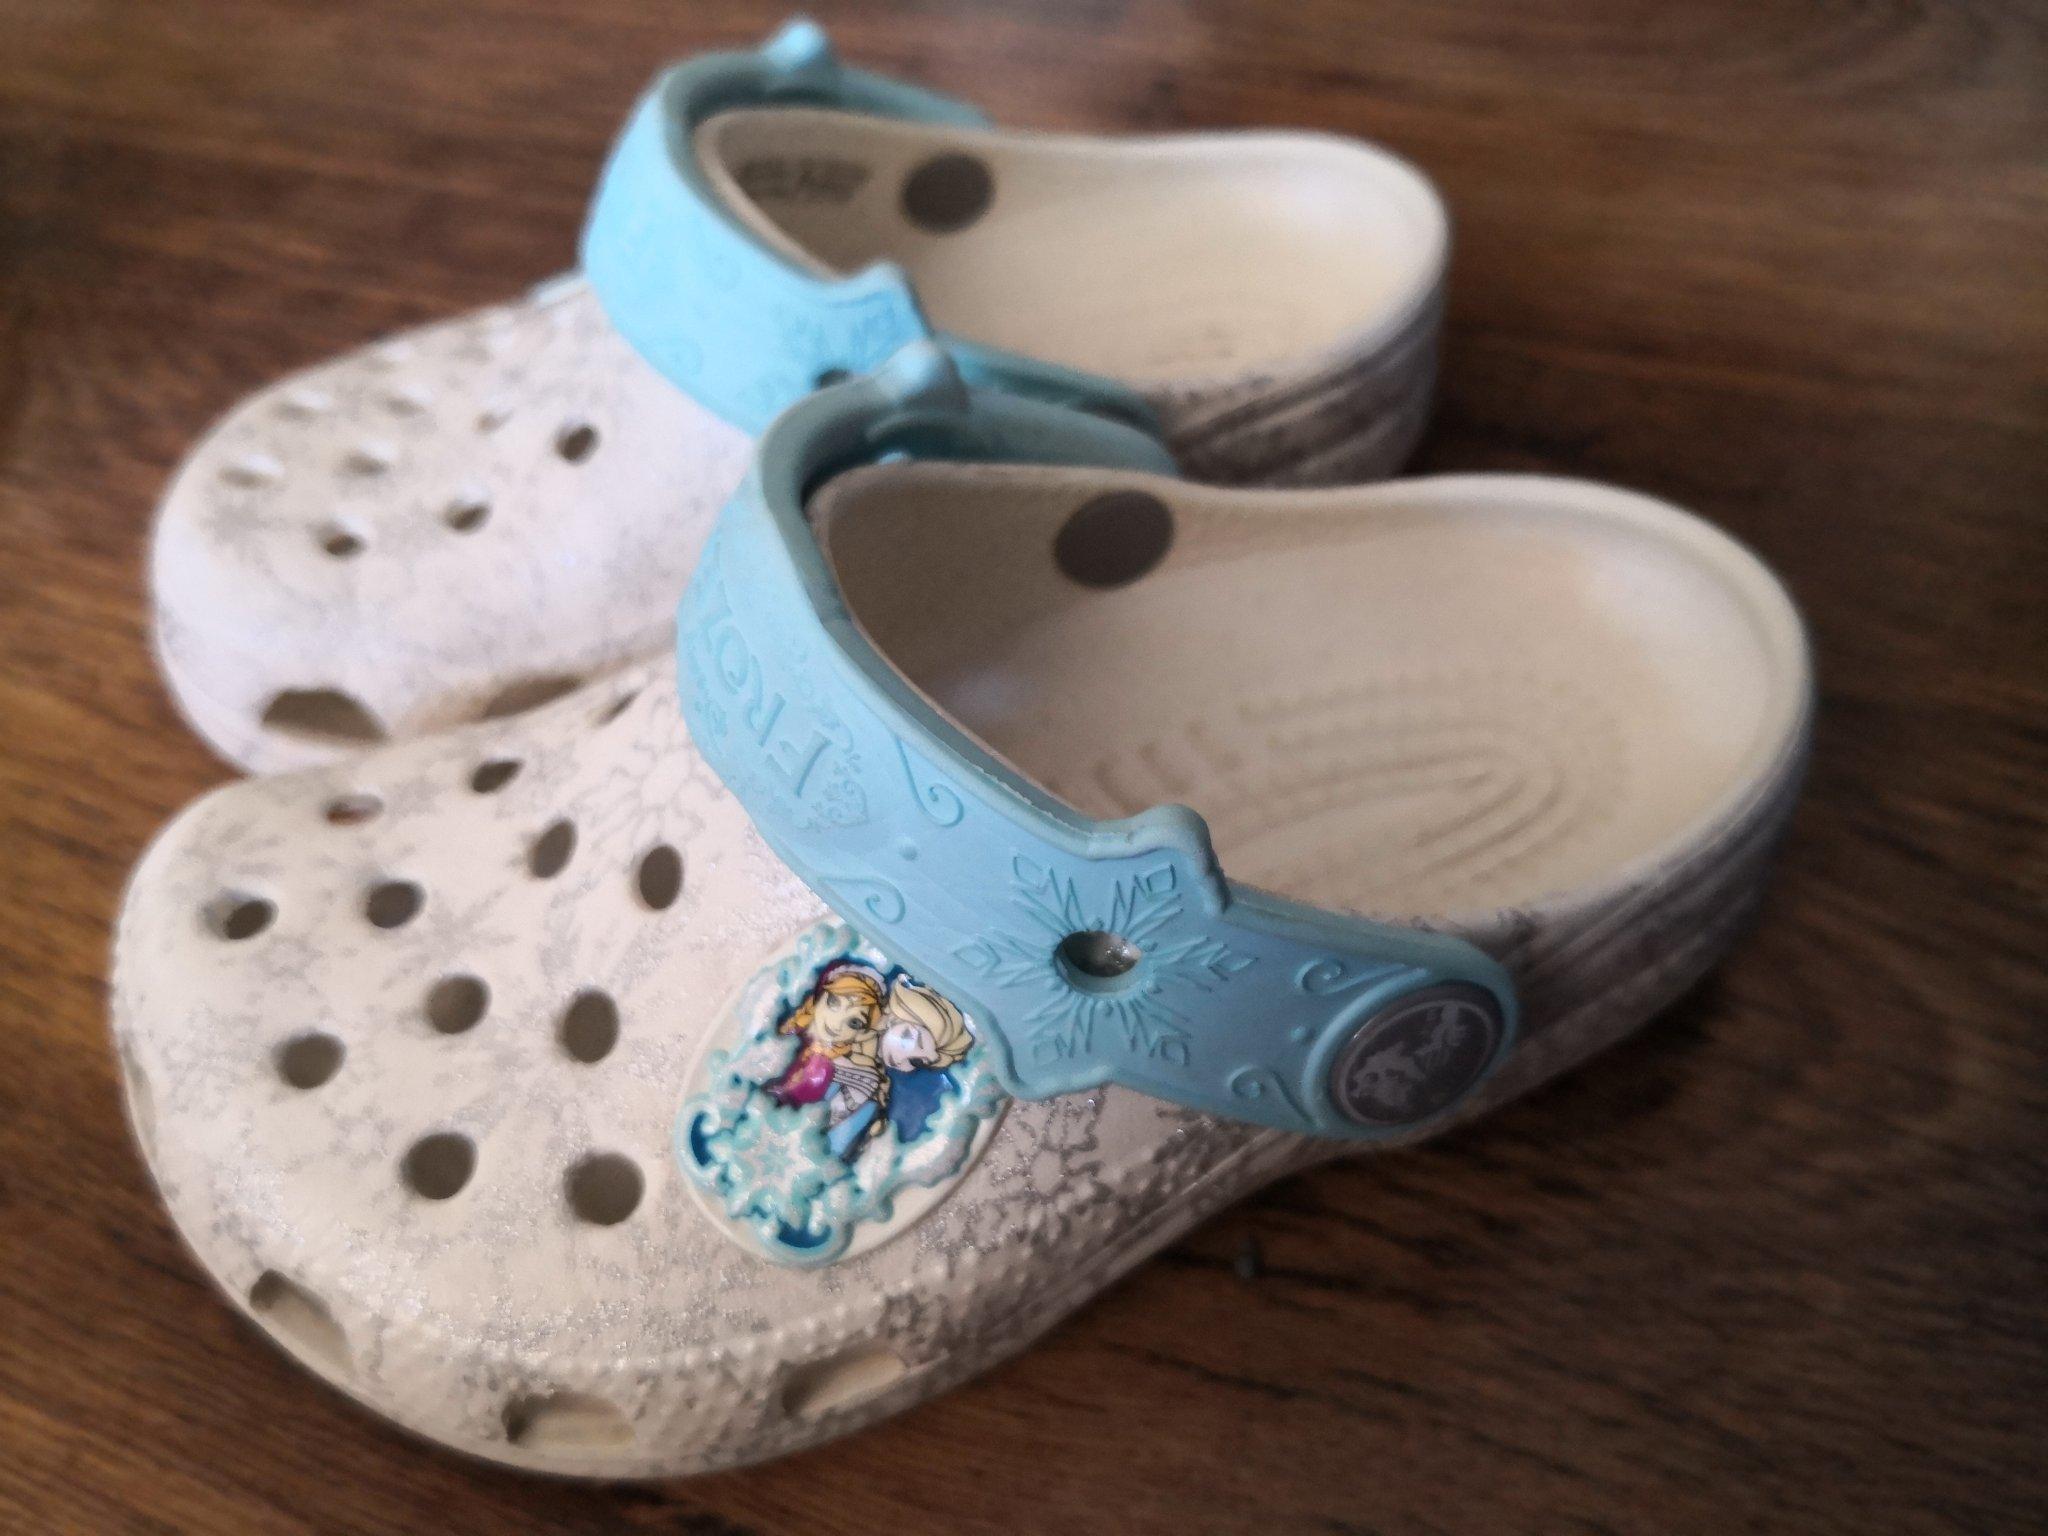 populära butiker kolla upp tankar på fabriker eleganta skor äkta kvalitet tofflor frost ...